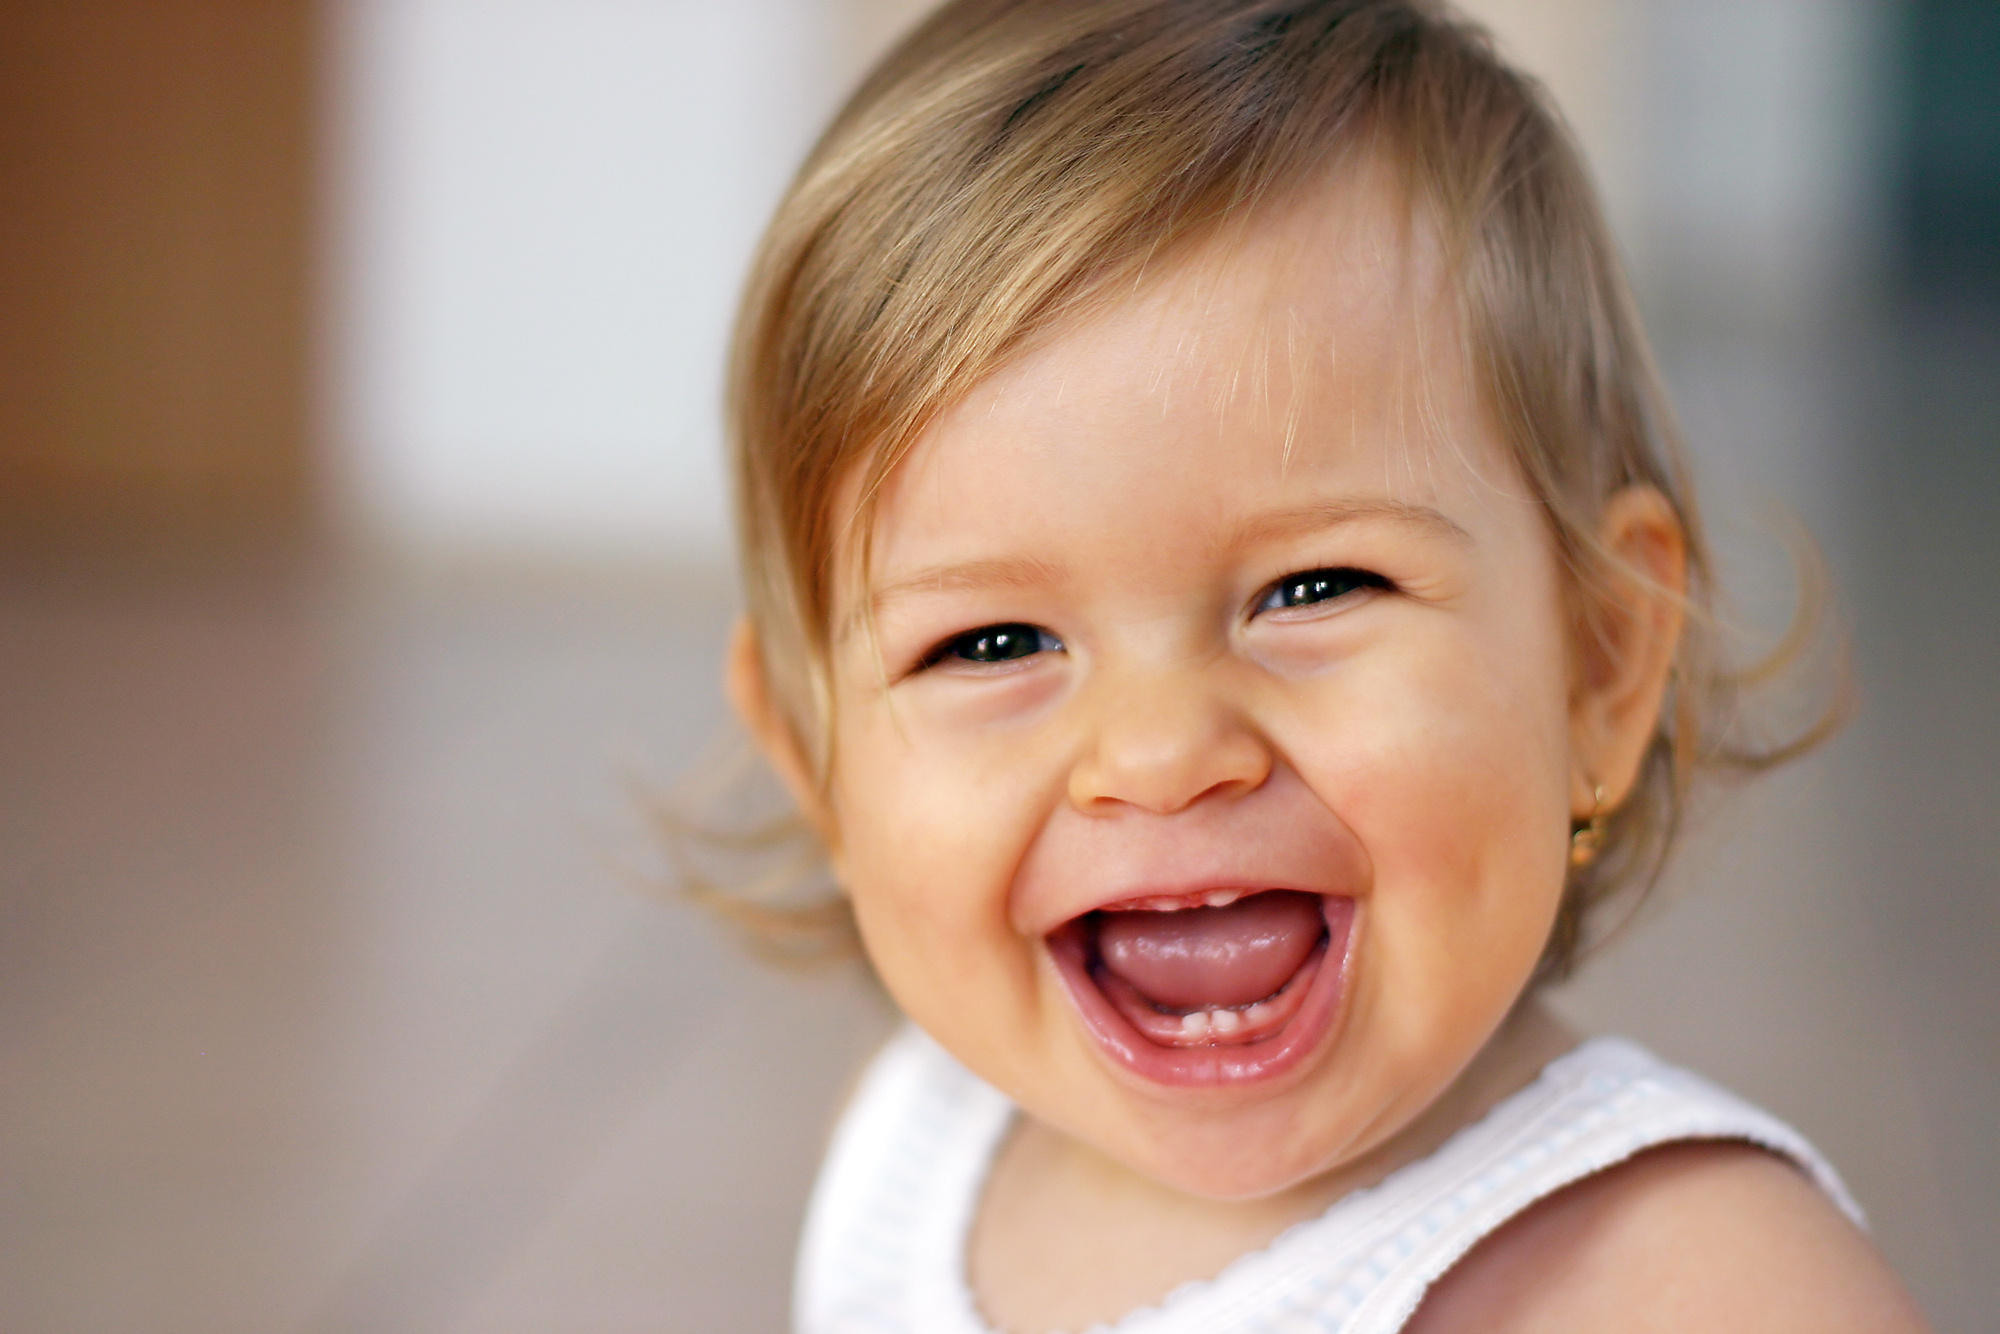 بالصور صور بنات بتضحك , اجمل صور دلع وضحك بنات صغيرة 1409